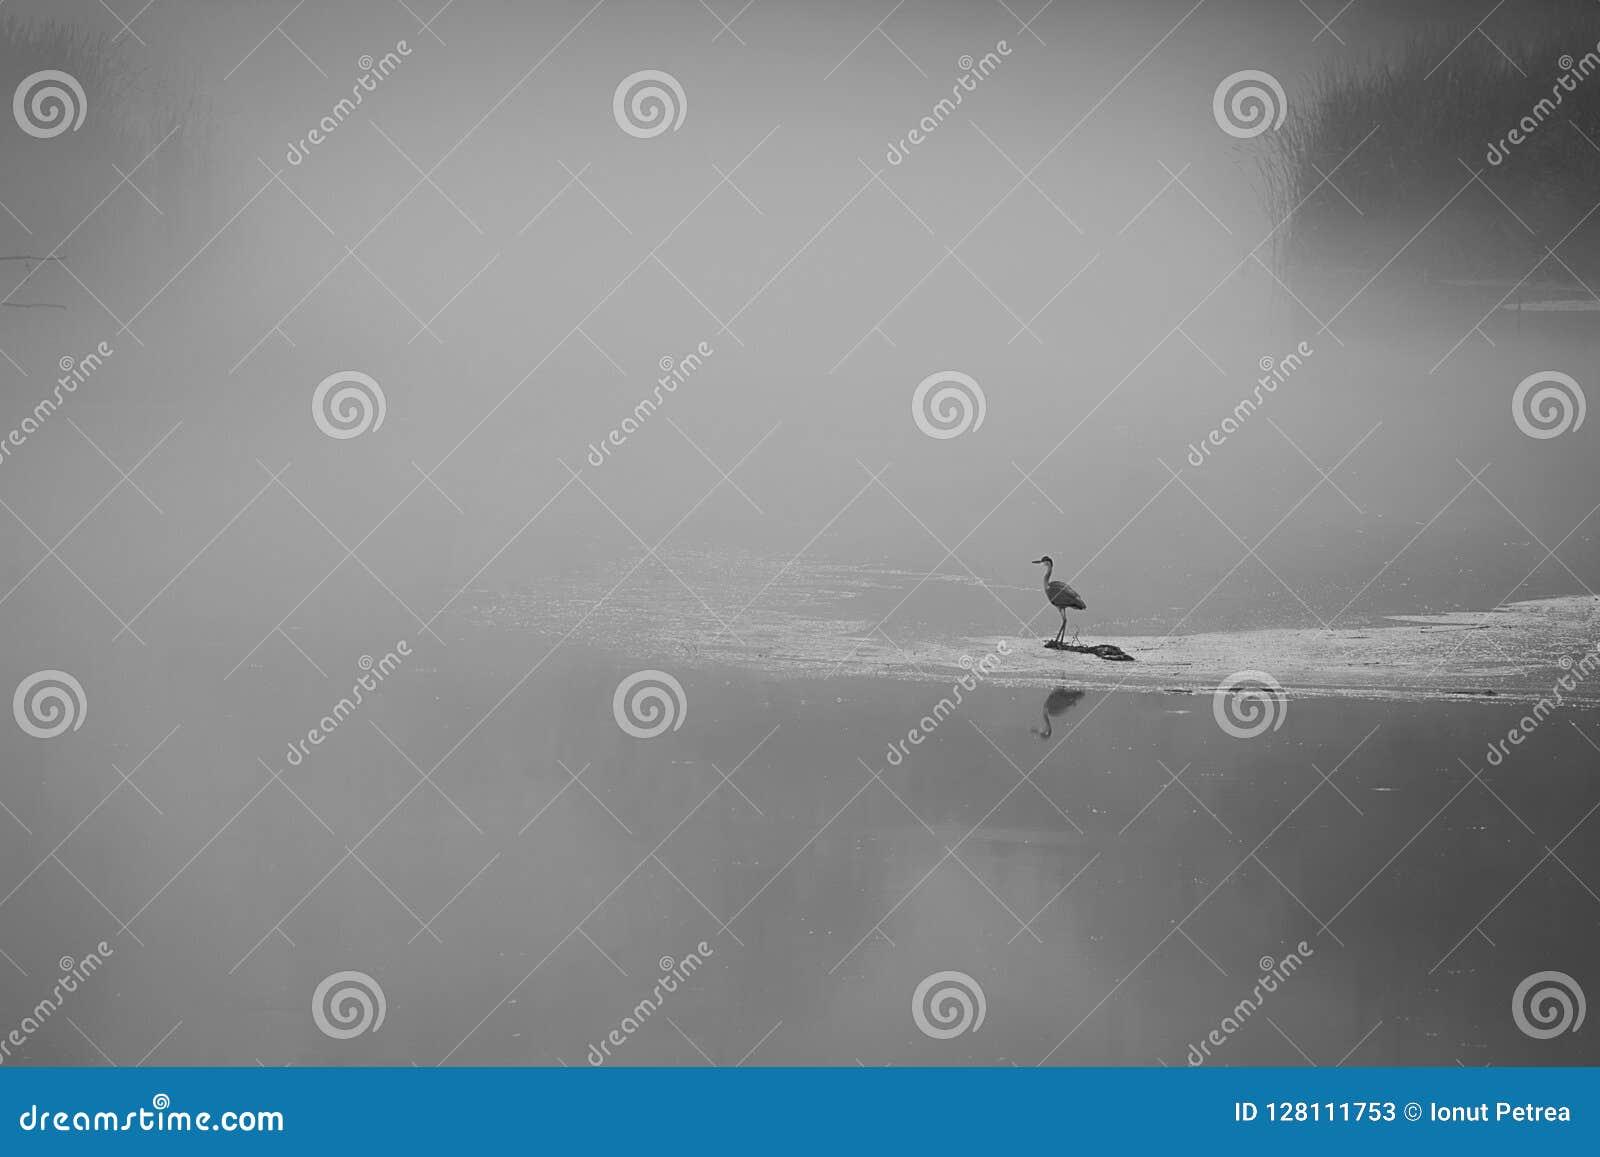 Svartvitt skott med en fågel som bara sitter på en sjösurroun